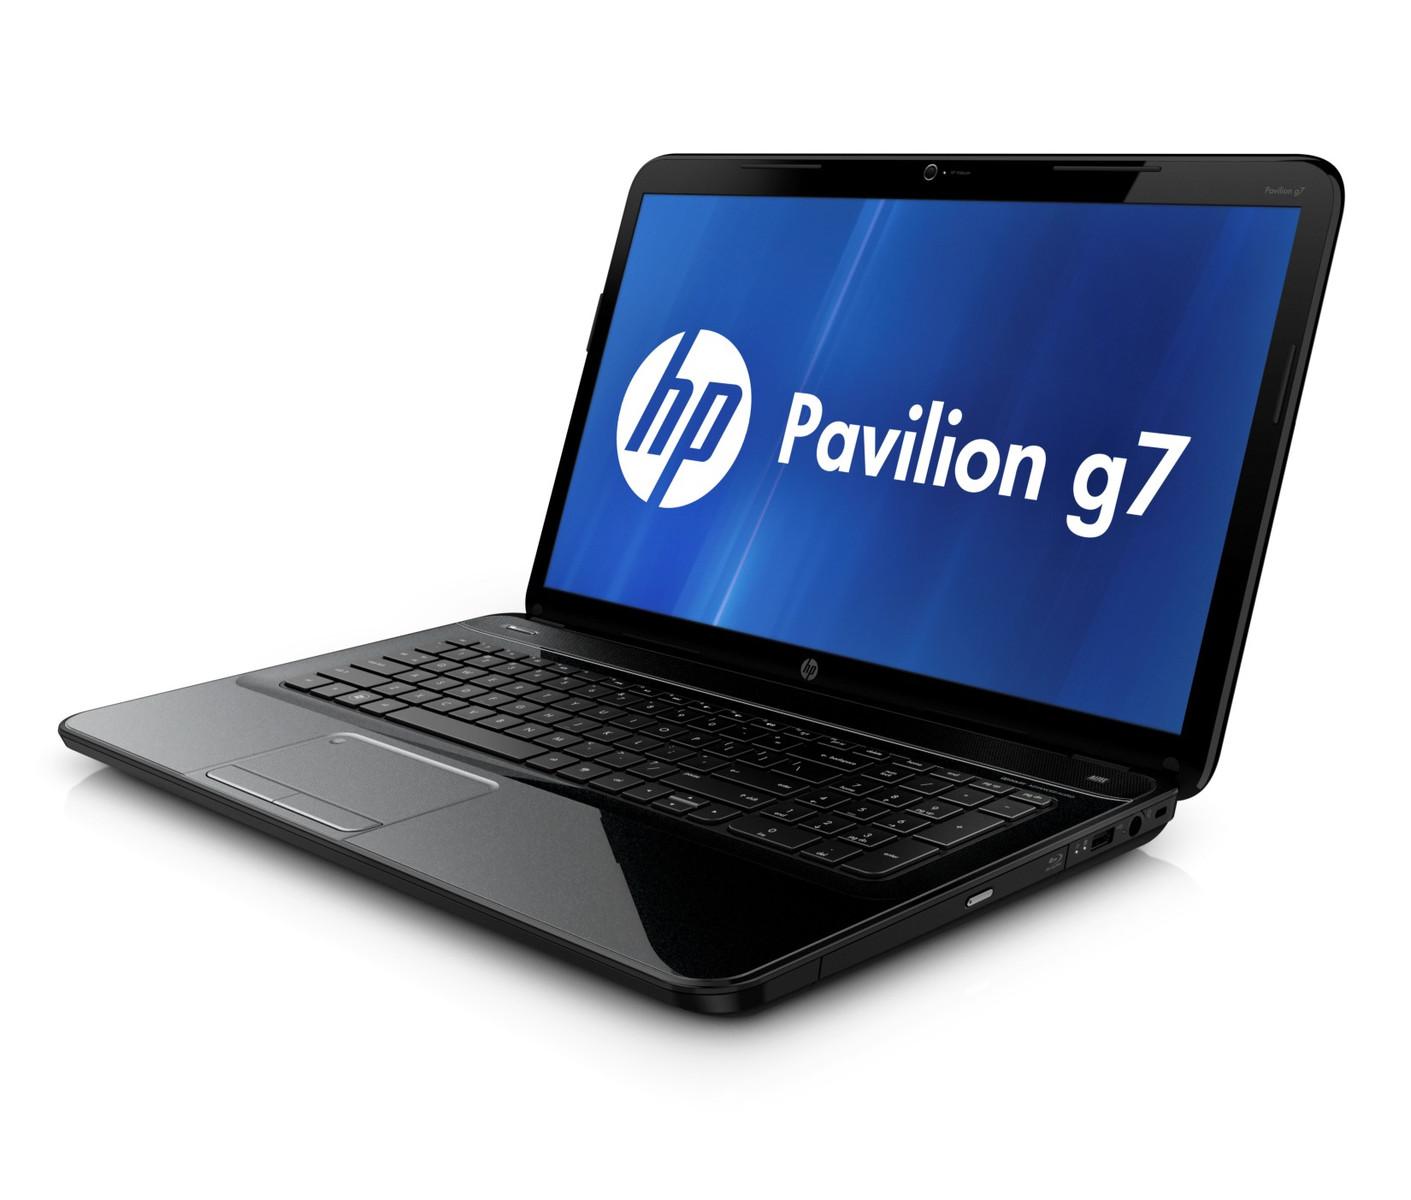 Скачать драйвера для принтера hp pavilion g7